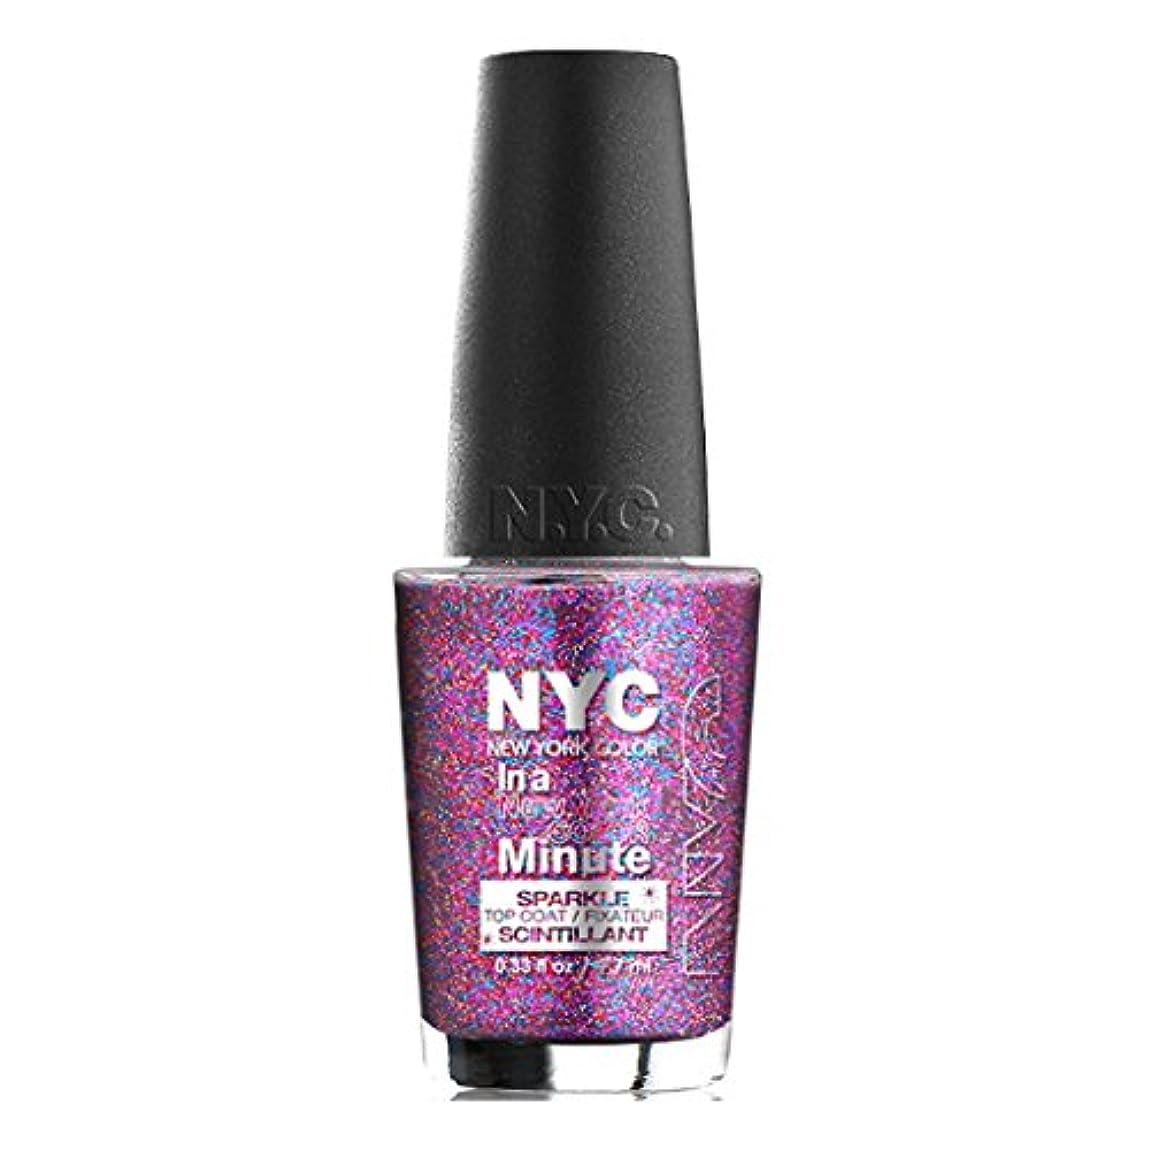 現象広範囲にギター(3 Pack) NYC In A New York Color Minute Sparkle Top Coat - Big City Dazzle (並行輸入品)